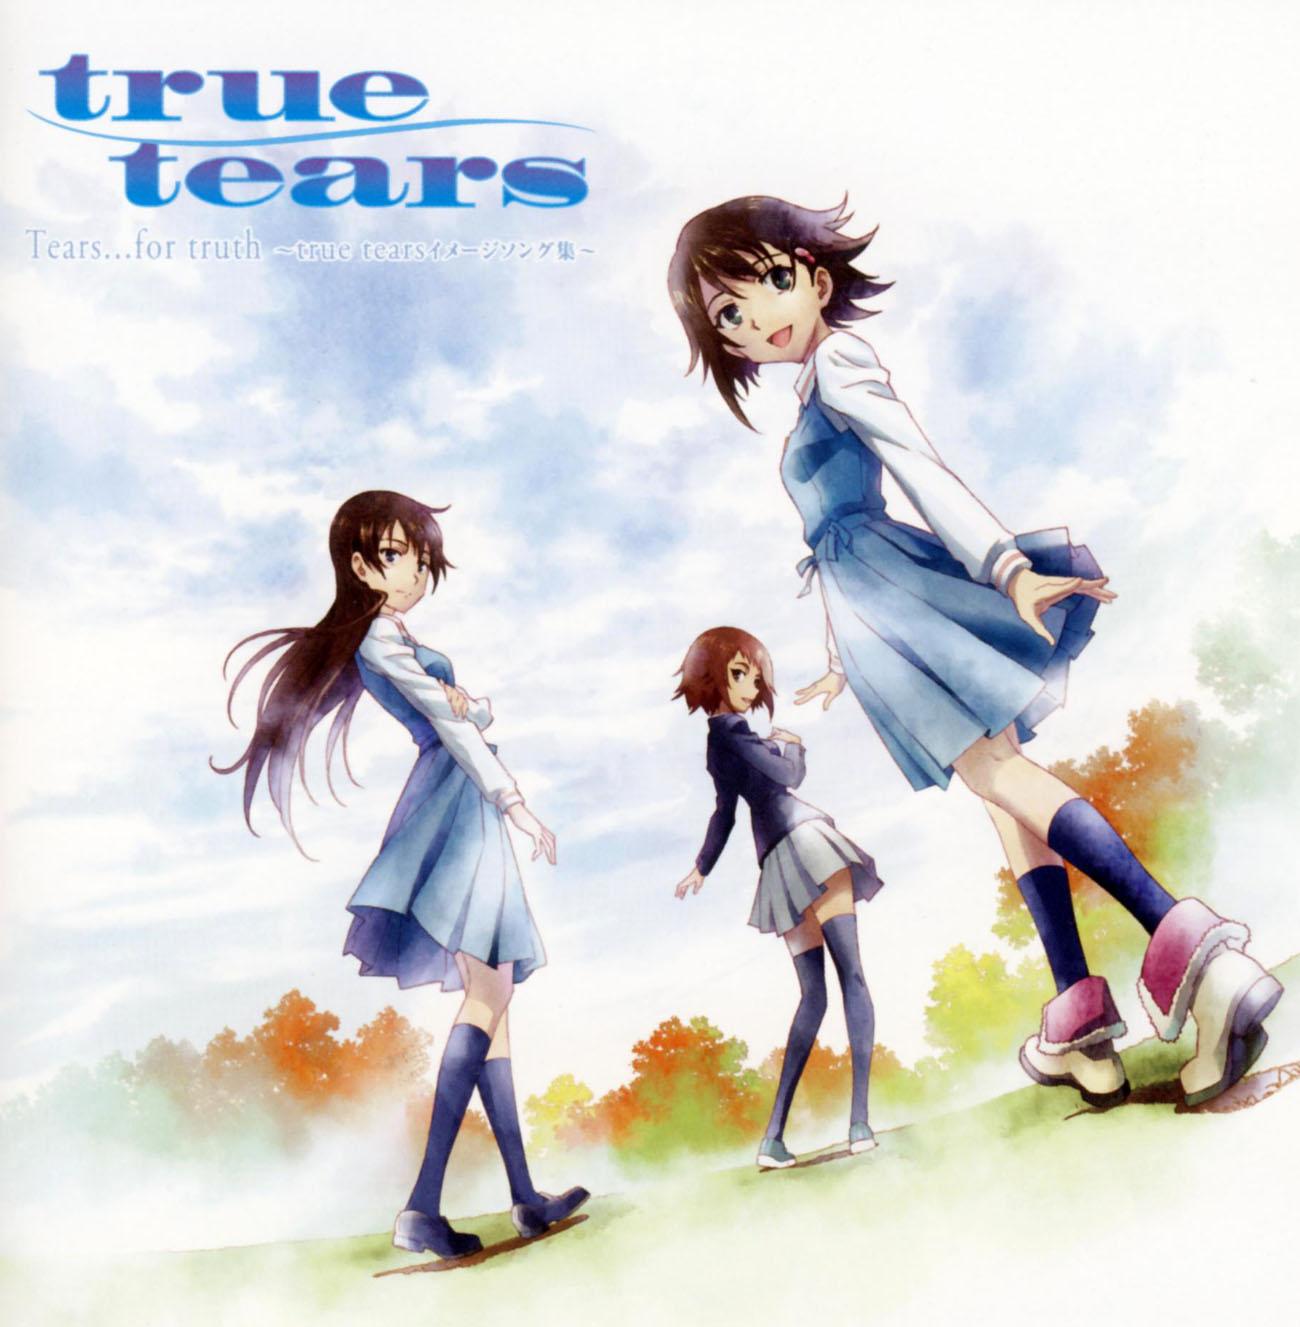 絶賛されている「true tears」を見た